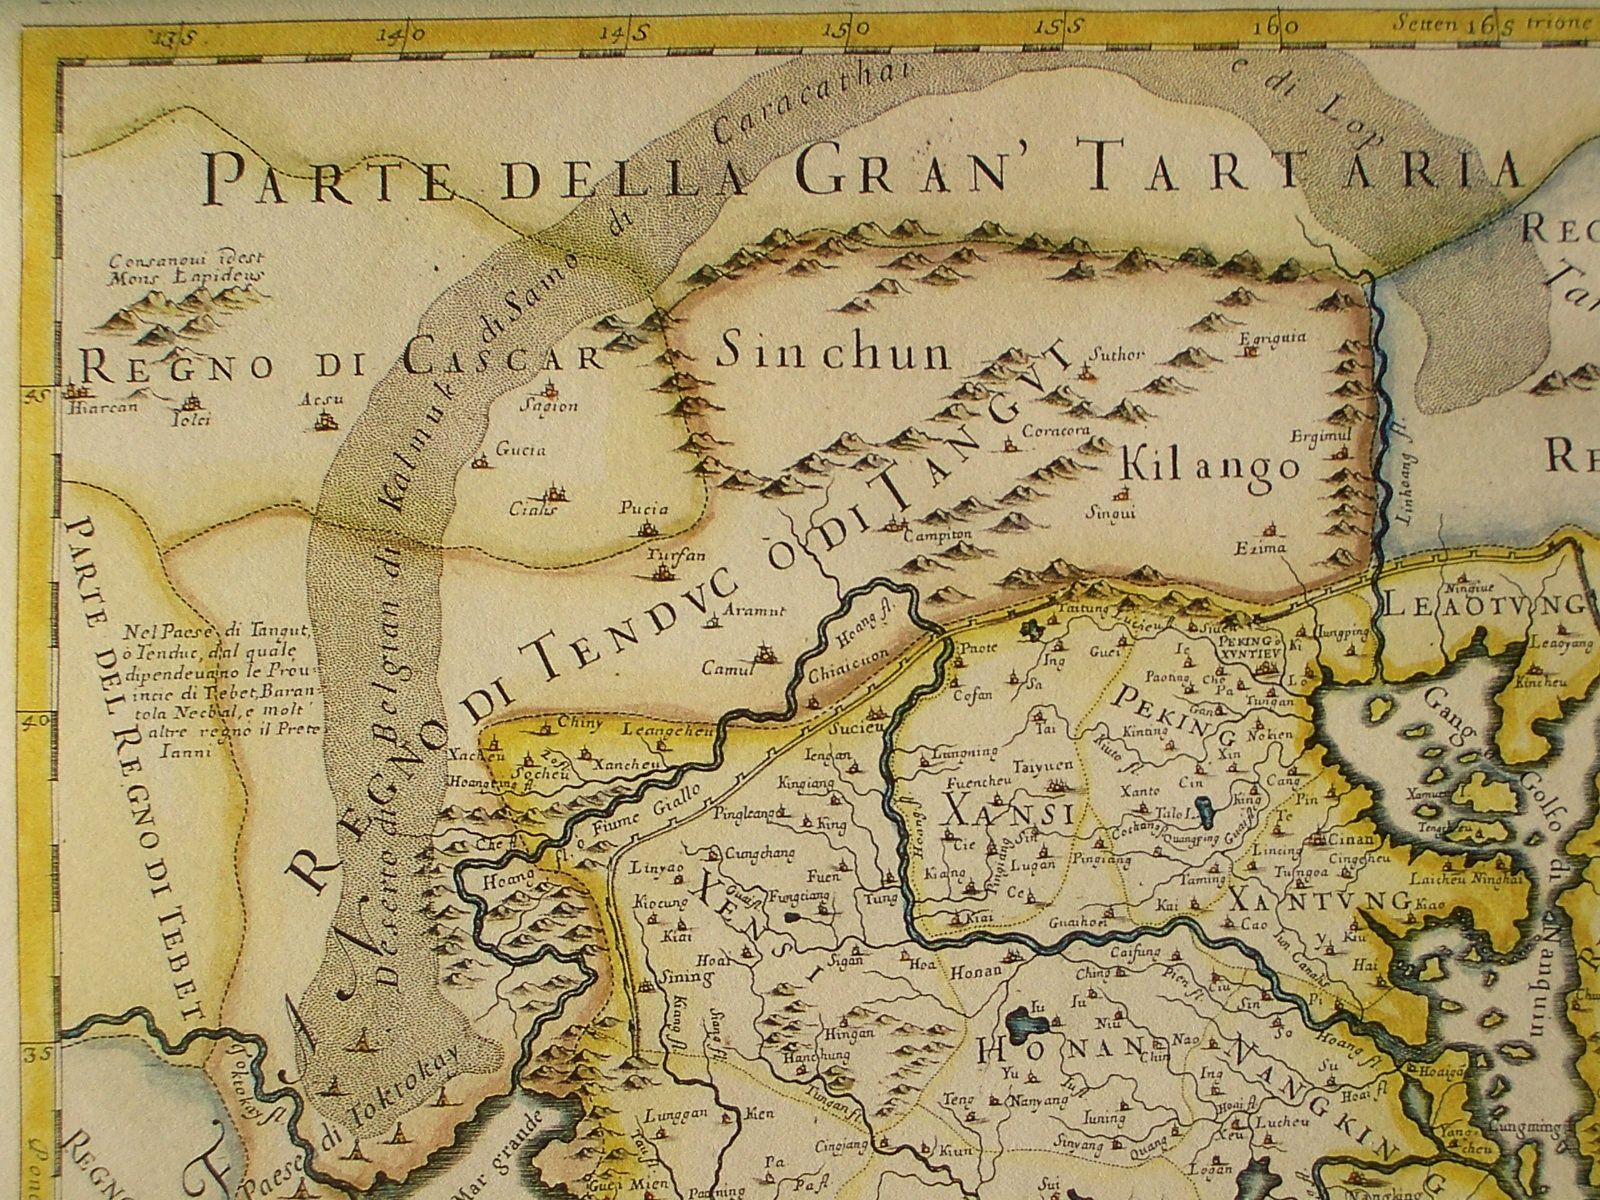 Villes le long de la route du nord le long de Taklmakan, probablement basé sur l'itinéraire de Bento de Gois, de Hiarcan à Cialis et Sucieu, dans le Gansu